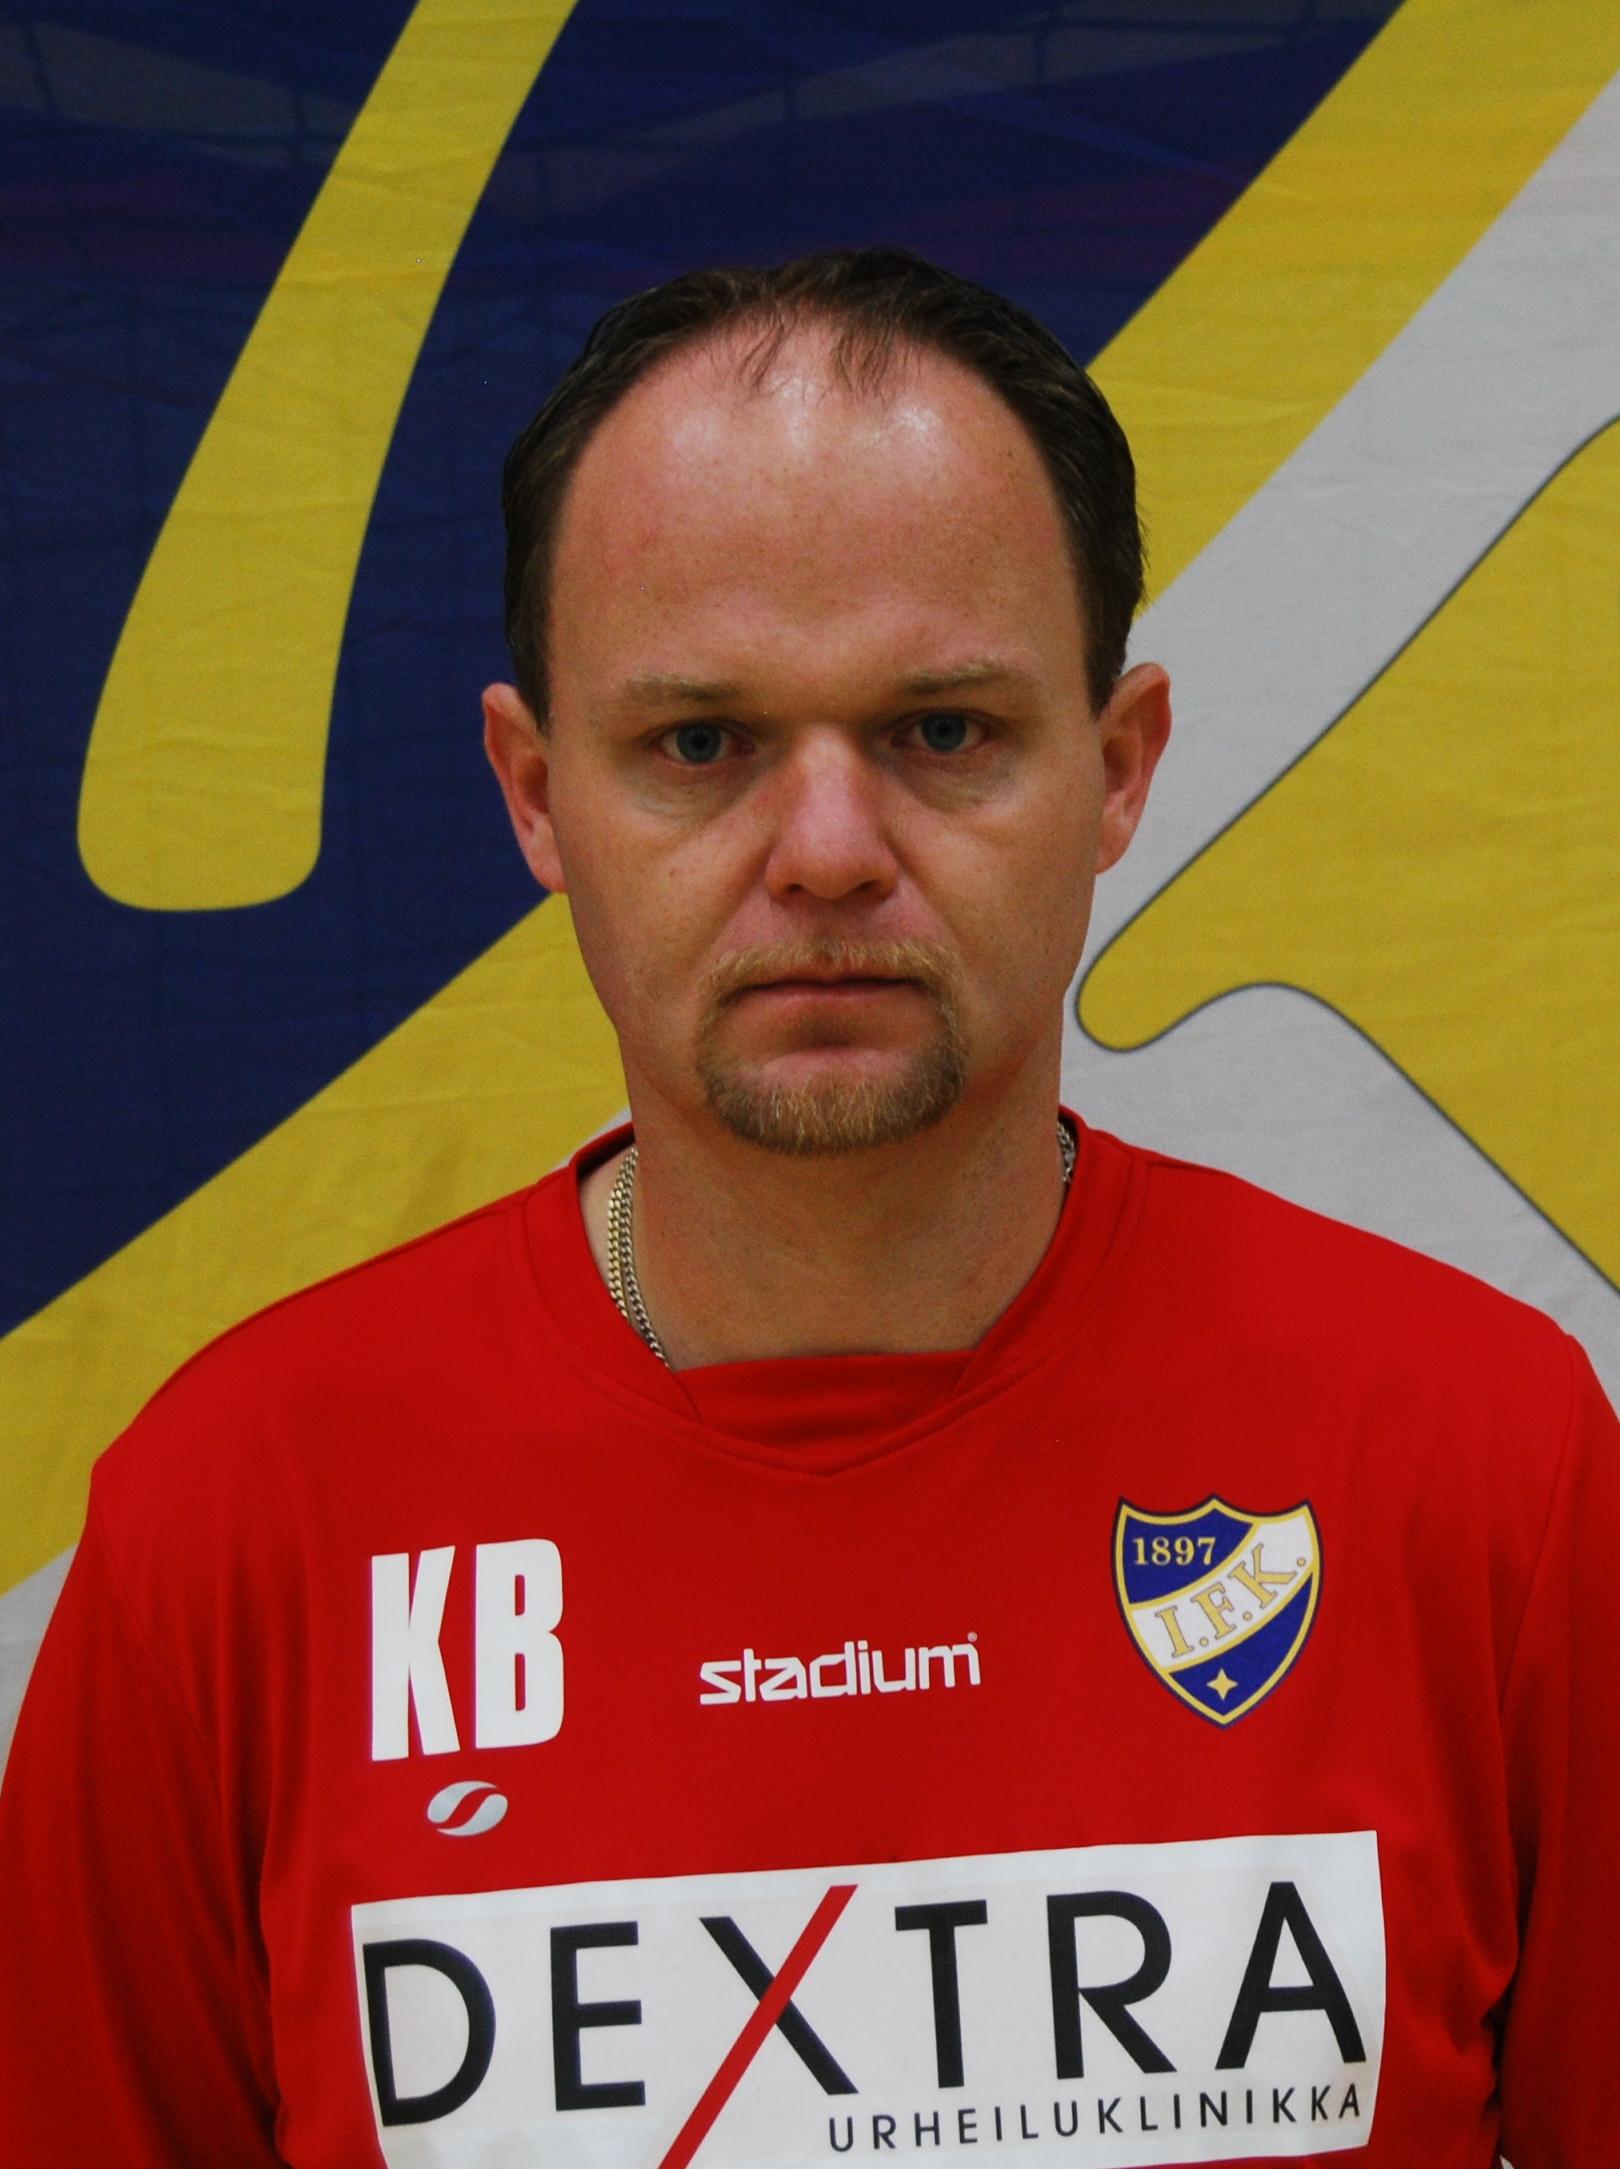 Kenneth Bäcklund